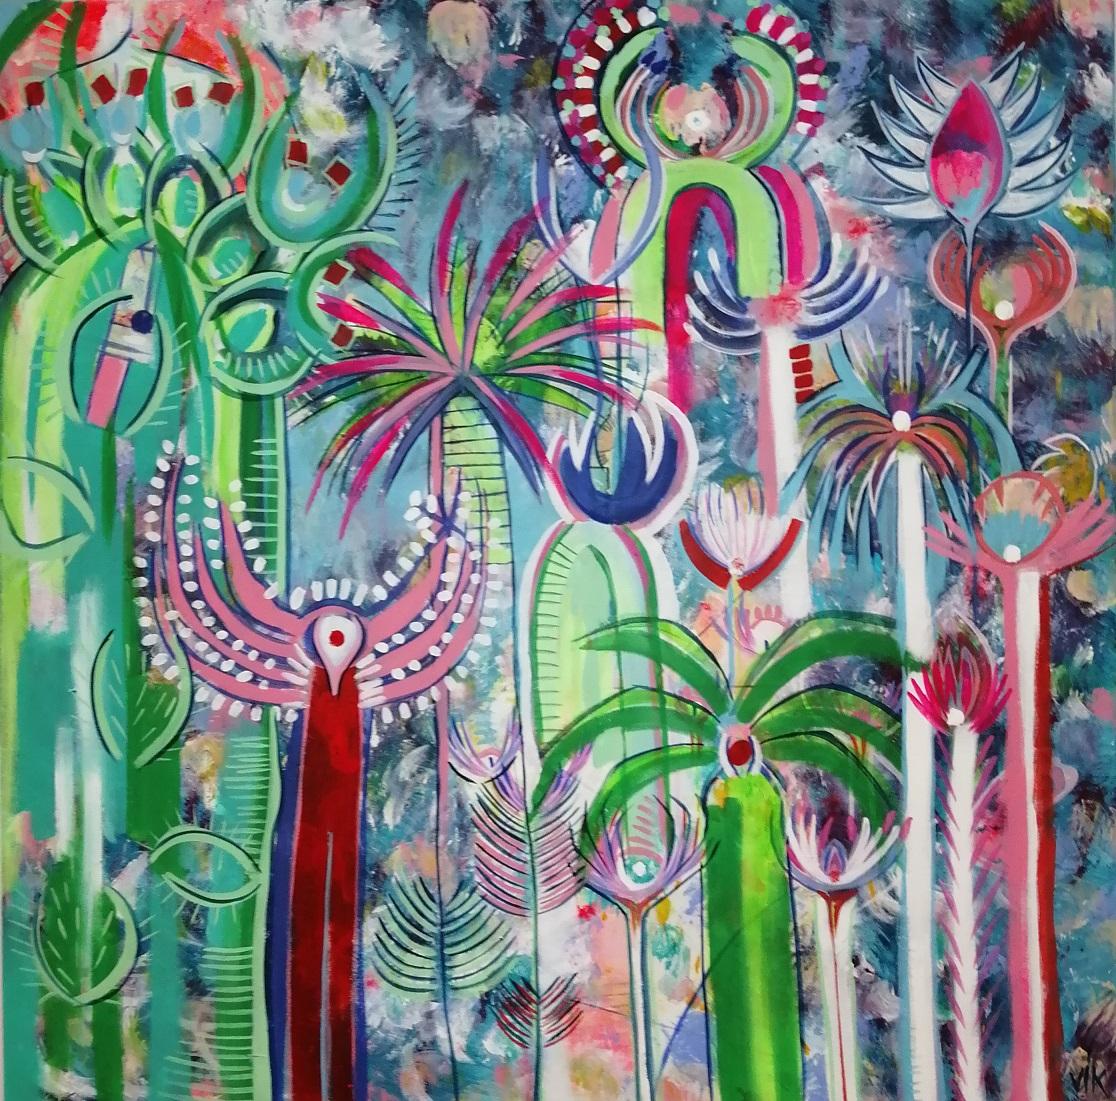 L'Angolo di Marta Lock (IE): Le opere colorate di Vik, tra graffitismo e atmosfere etniche per racco